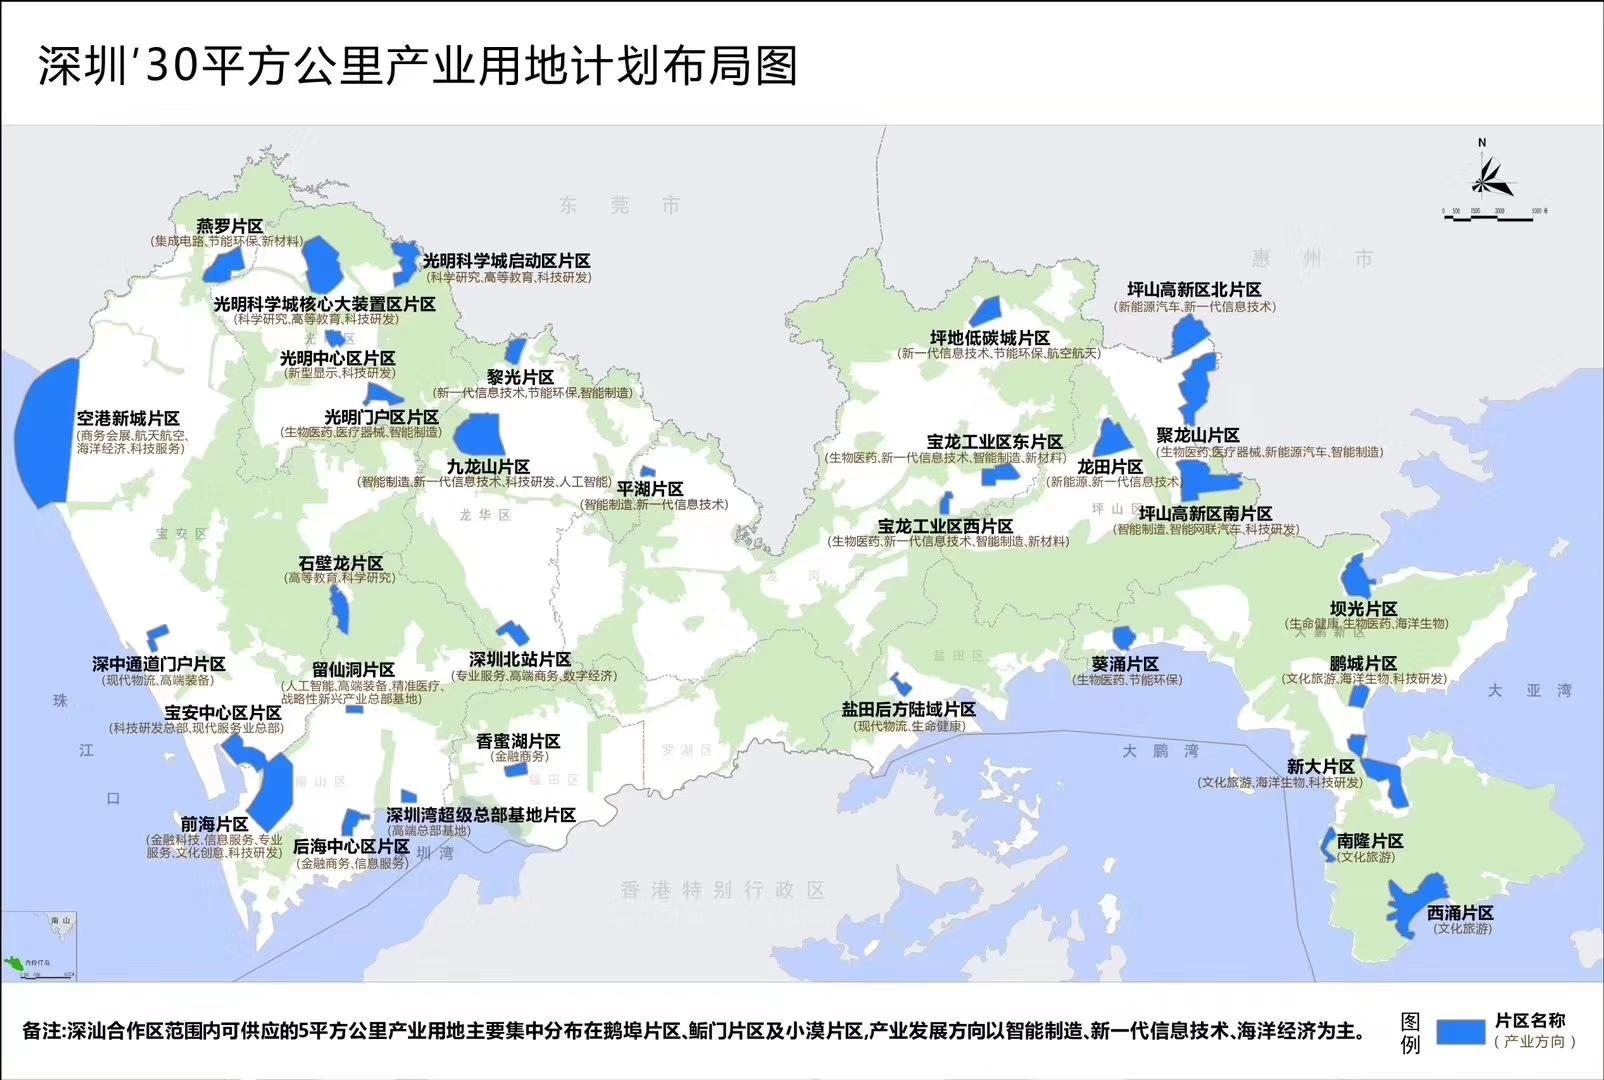 深圳向全球推介30平方公里产业用地-中国网地产